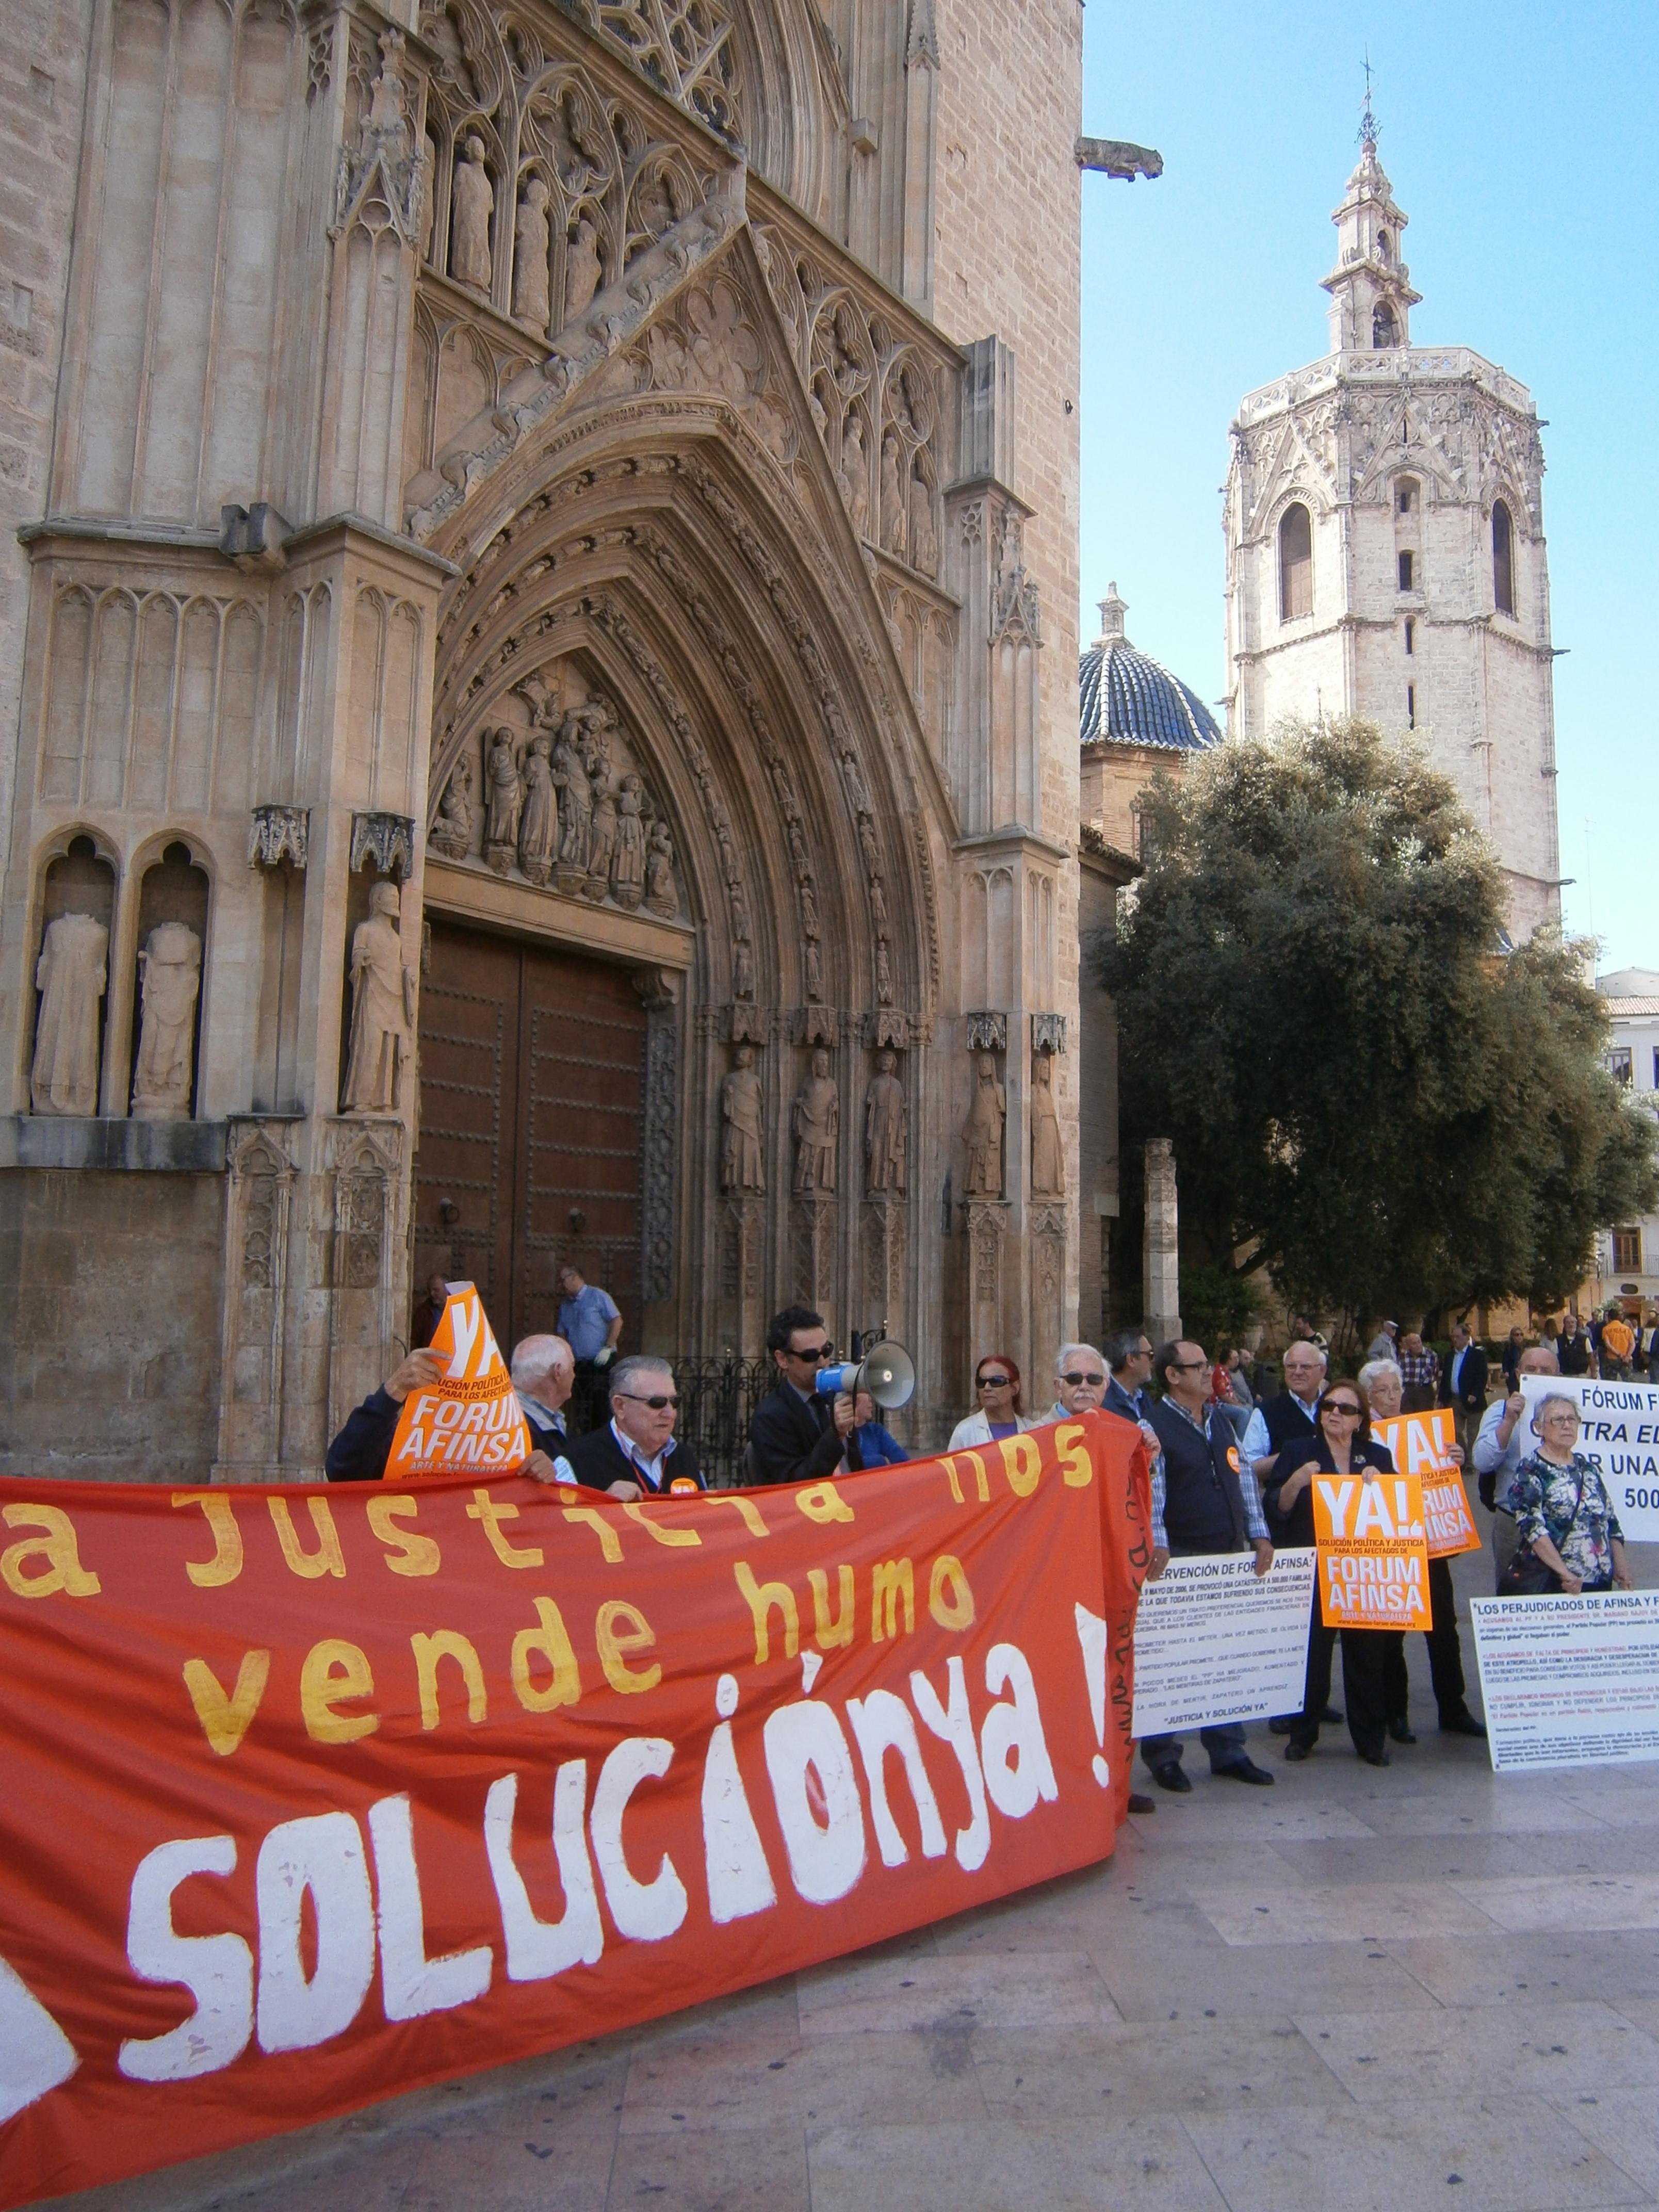 Concentración de protesta Fórum, Afinsa, Arte y Naturaleza. Plaza de la Virgen de Valencia, 24 de abril de 2014